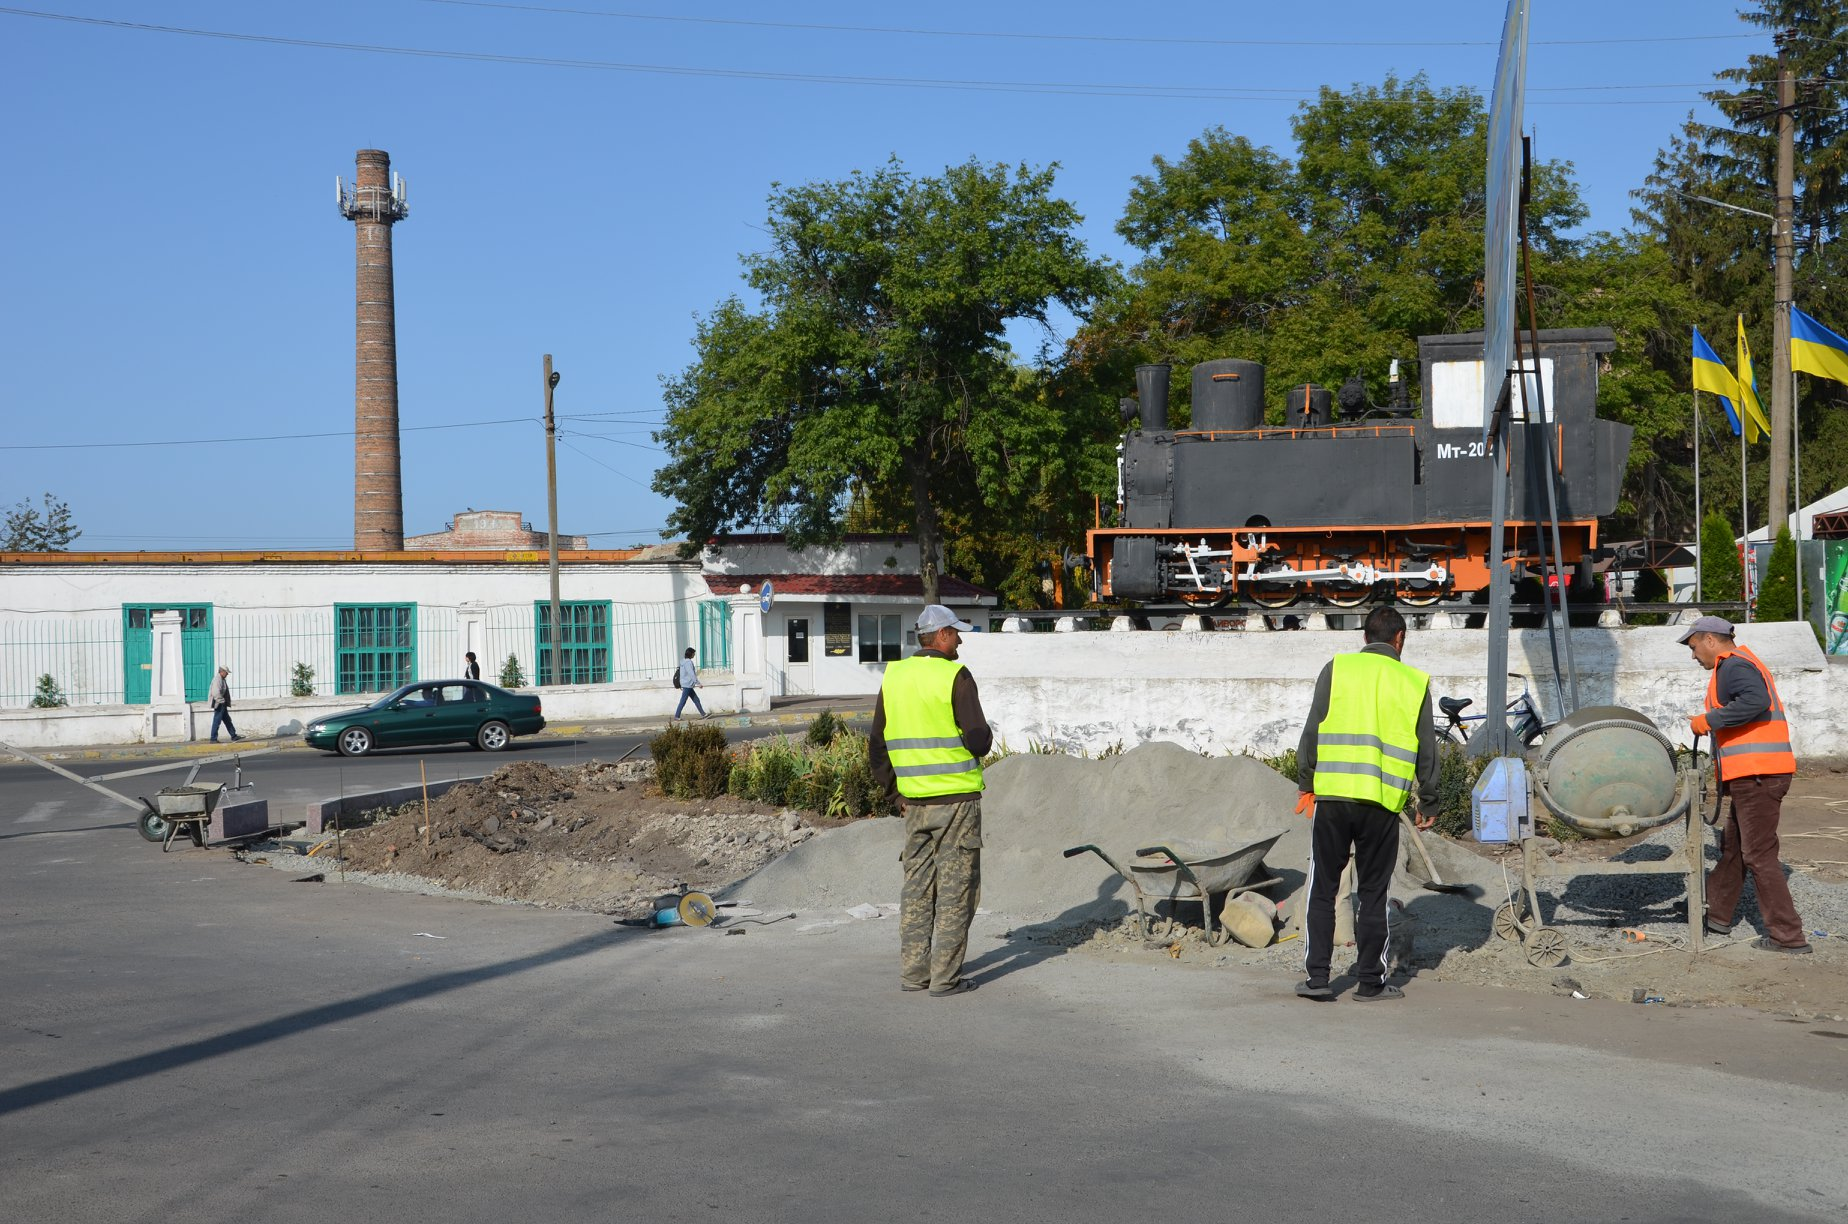 На Кiровоградщинi оновлюють пам'ятник бельгiйському паровозу (ФОТО)